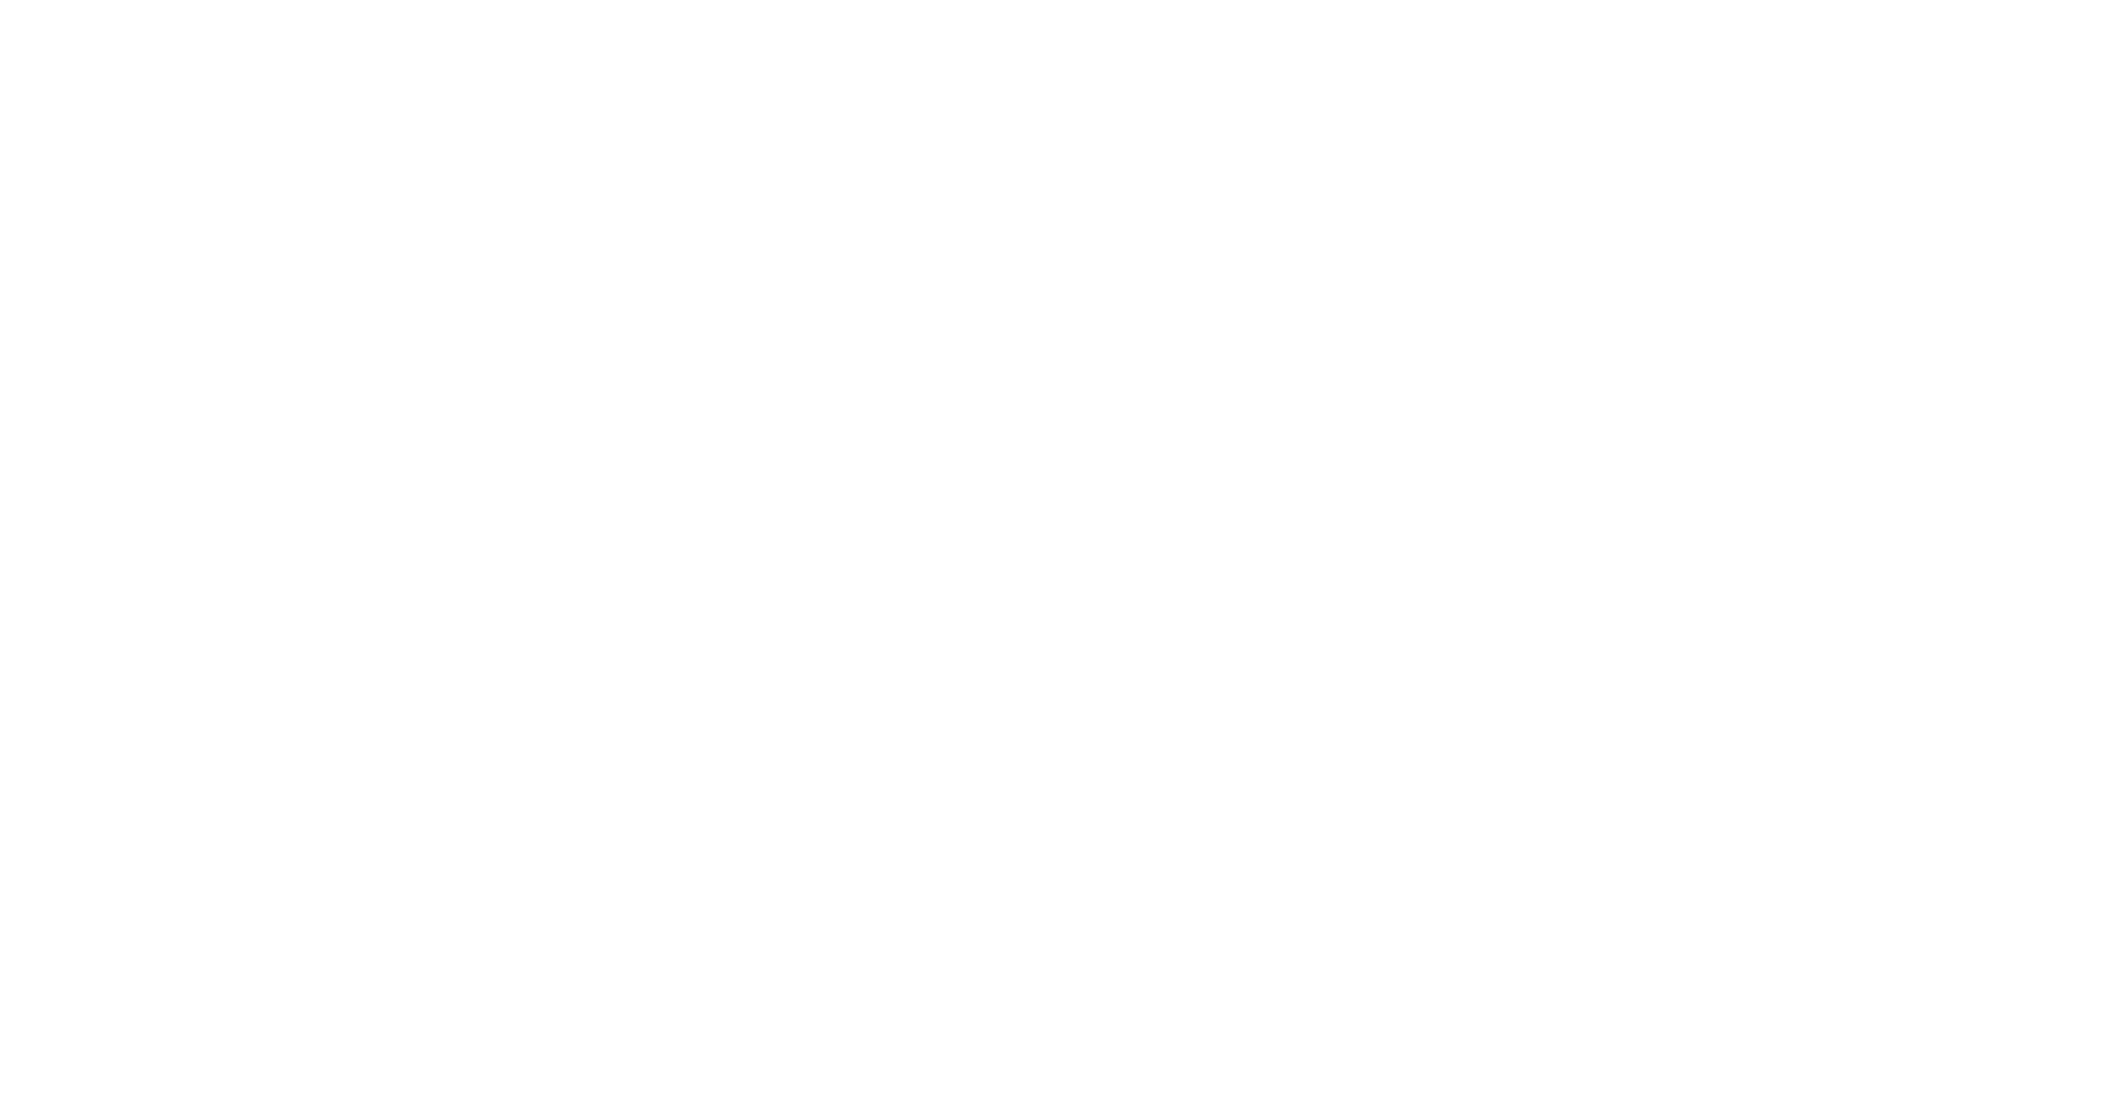 banner-Planetario-1119-x-591--proyección-láser-daft-punk-texto.png